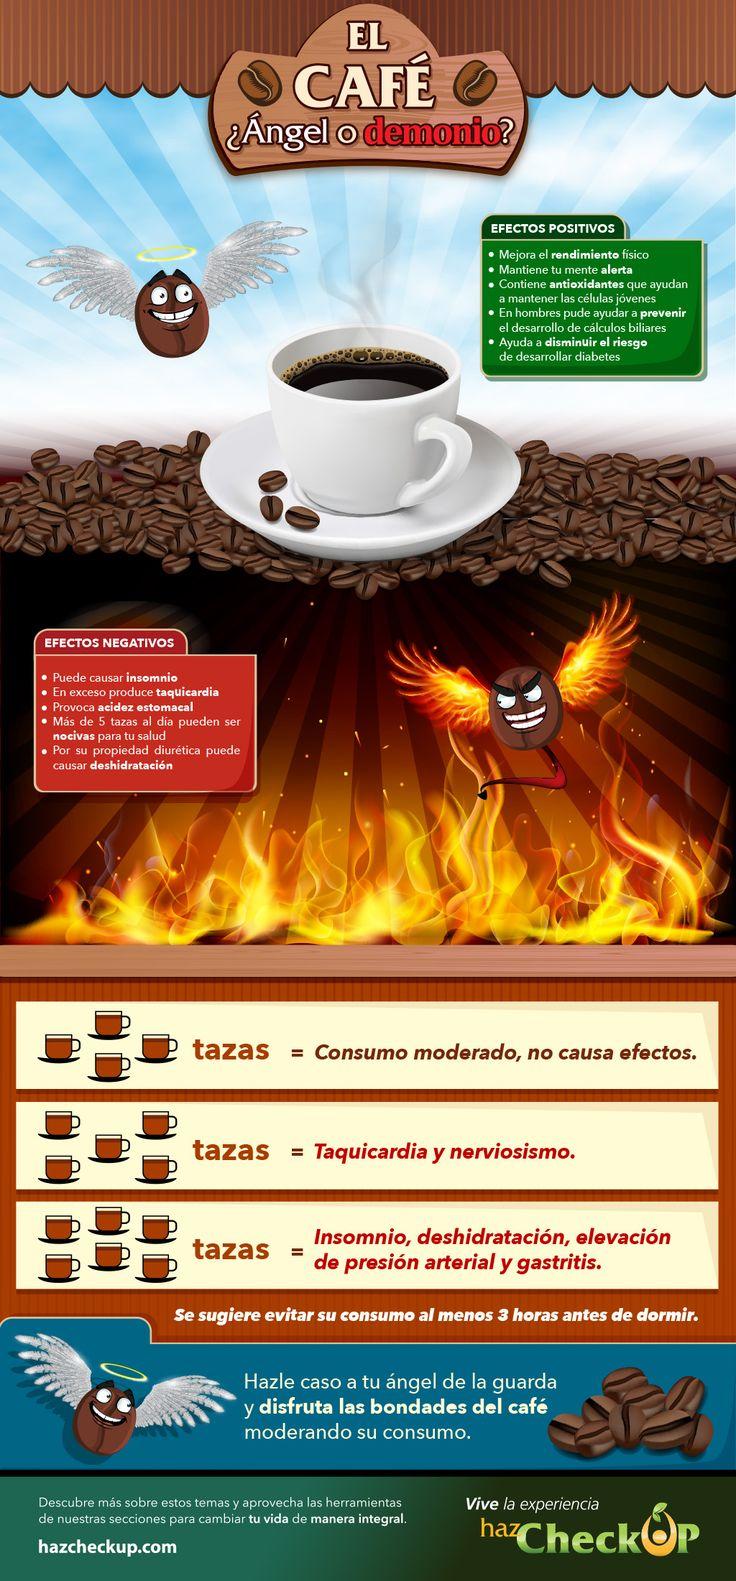 Consecuencias de tomar café: beneficios y riesgos